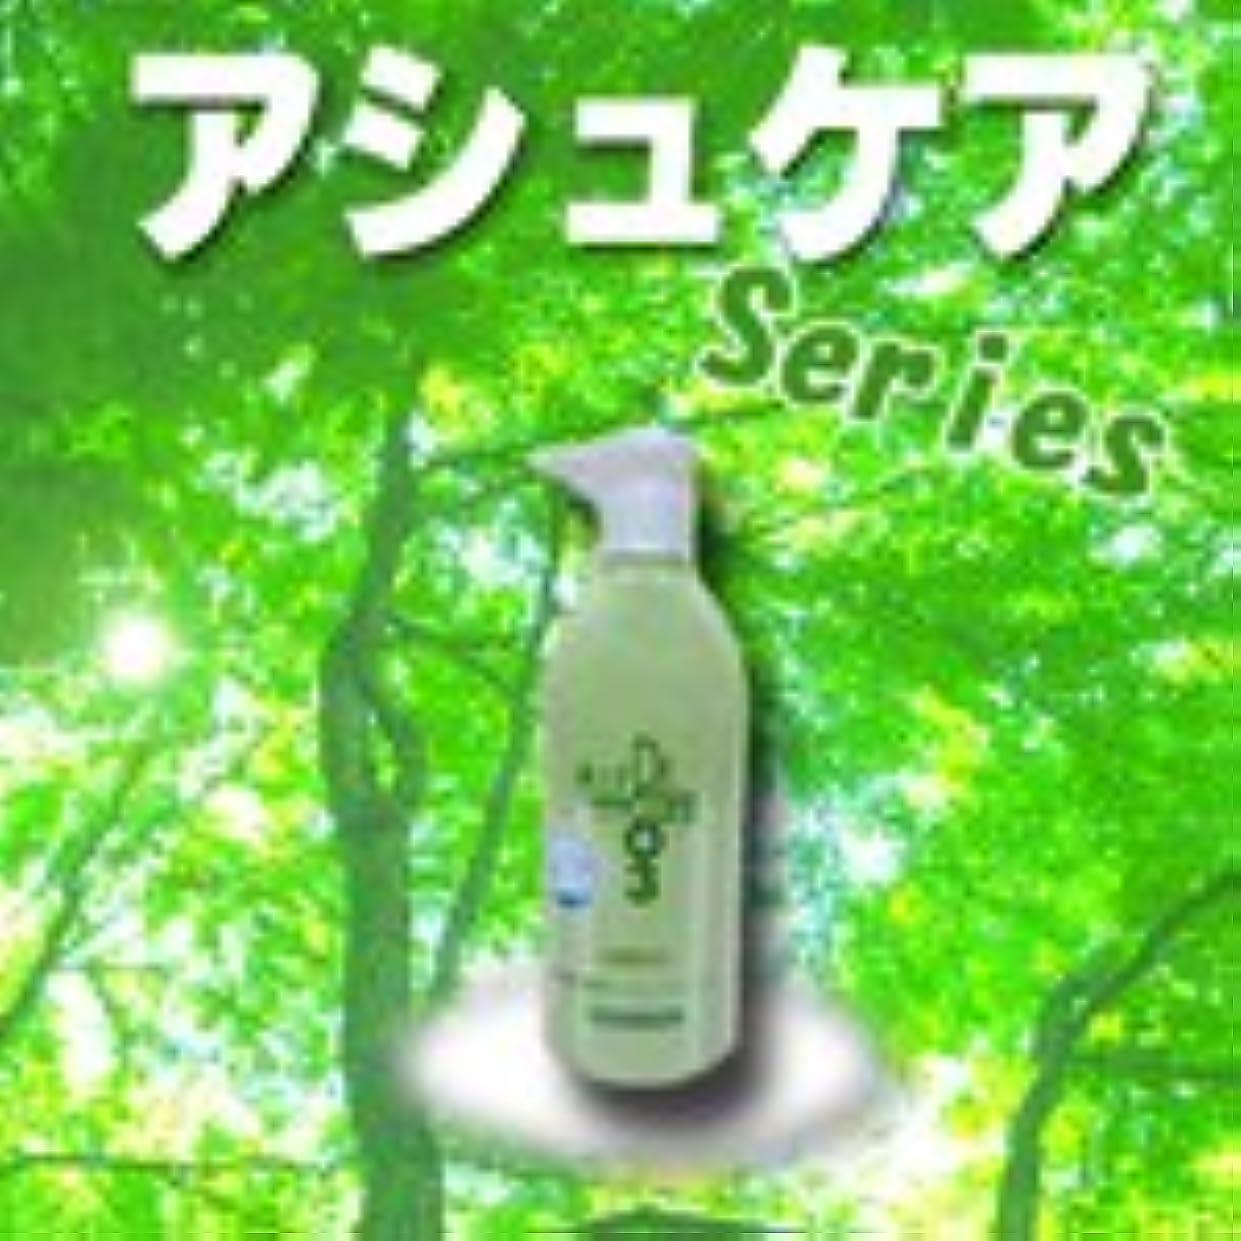 松明決めますピンアシュケア 薬用メディコンディショナー350g 【液体】【敏感肌】 【医薬部外品】